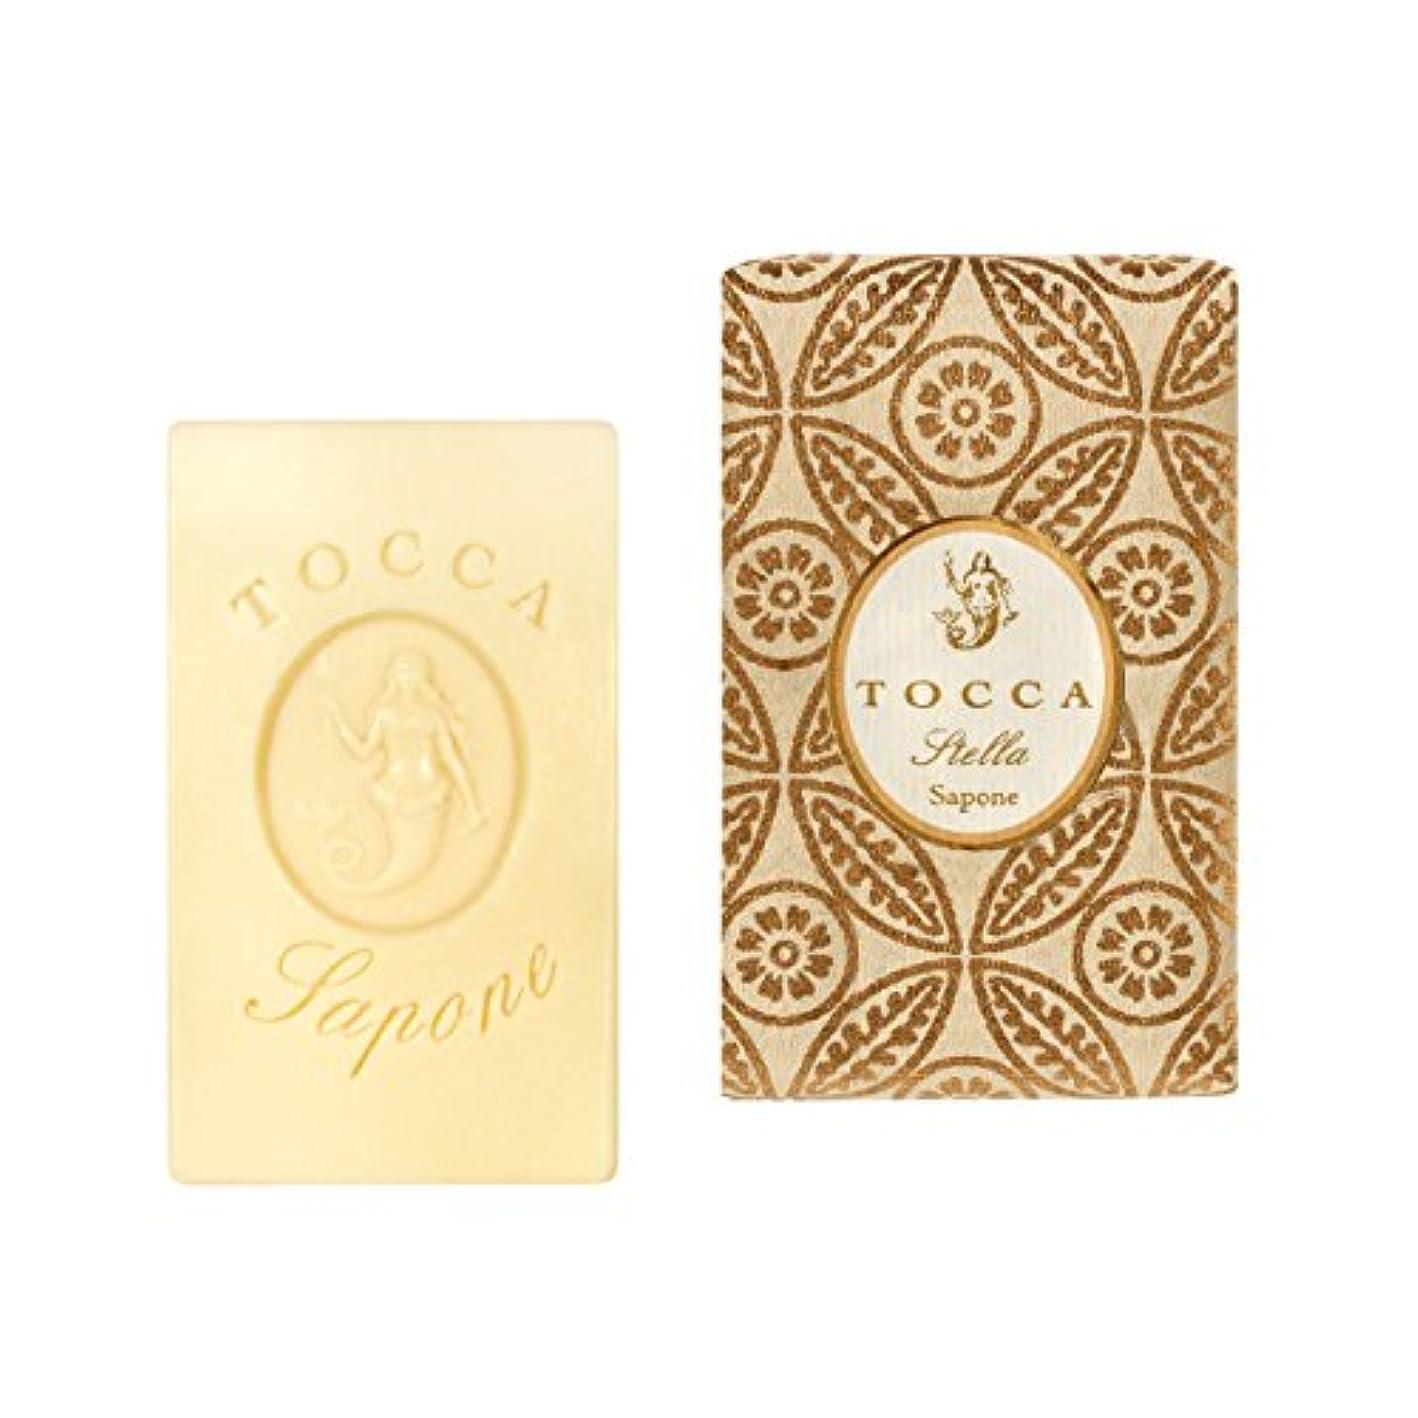 暗くする賞賛チューインガムトッカ(TOCCA) ソープバー ステラの香り 113g(石けん 化粧石けん イタリアンブラッドオレンジが奏でるフレッシュでビターな爽やかさ漂う香り)